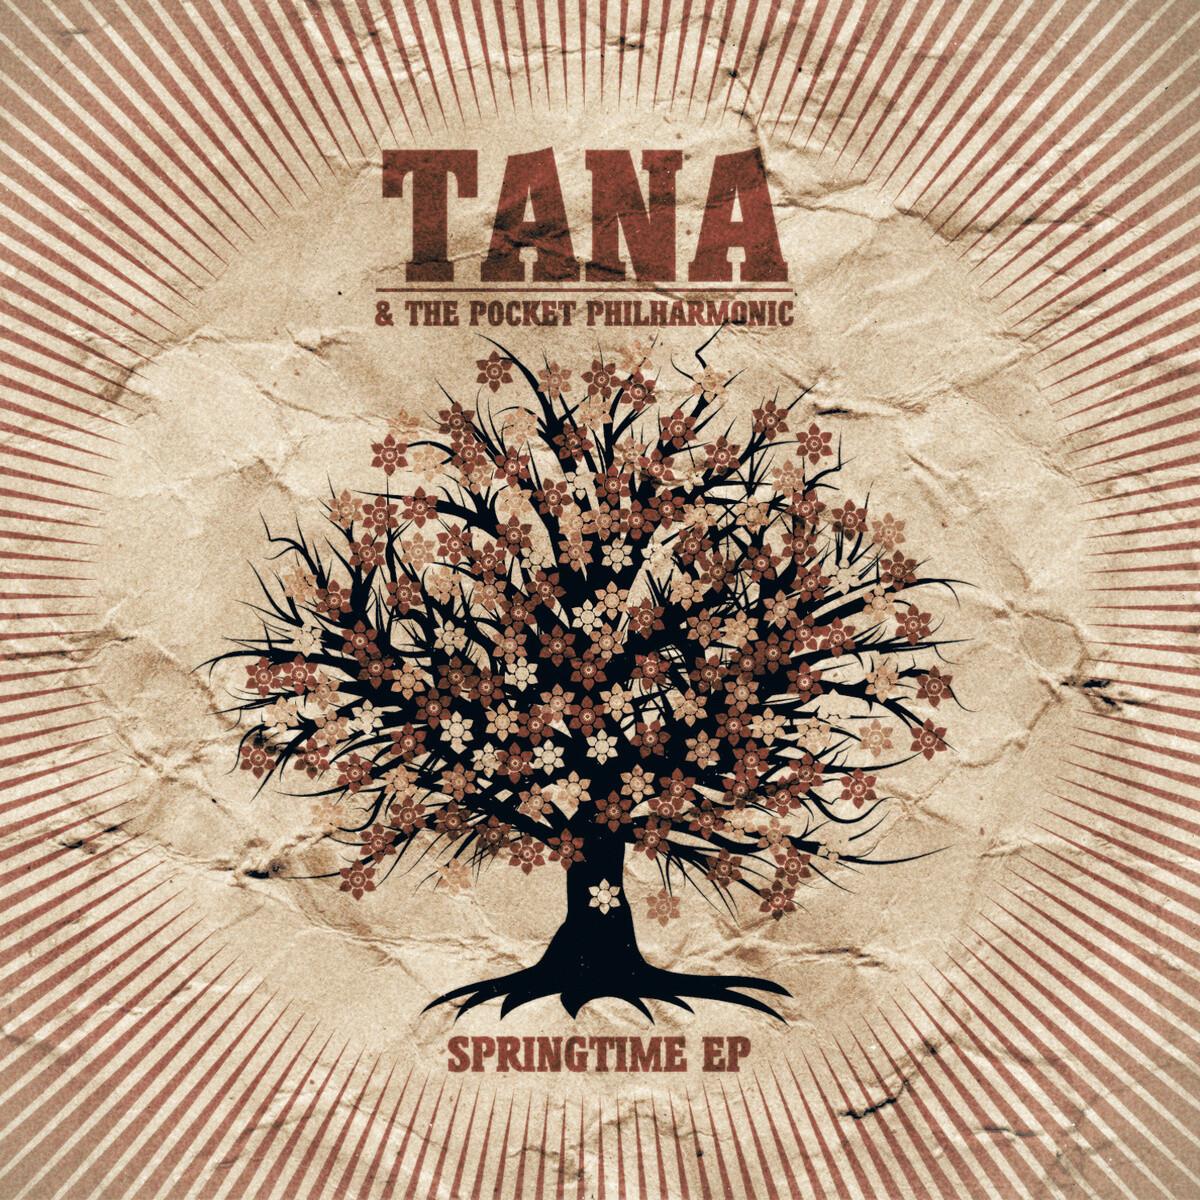 Springtime - TANA & THE POCKET PHILHARMONIC